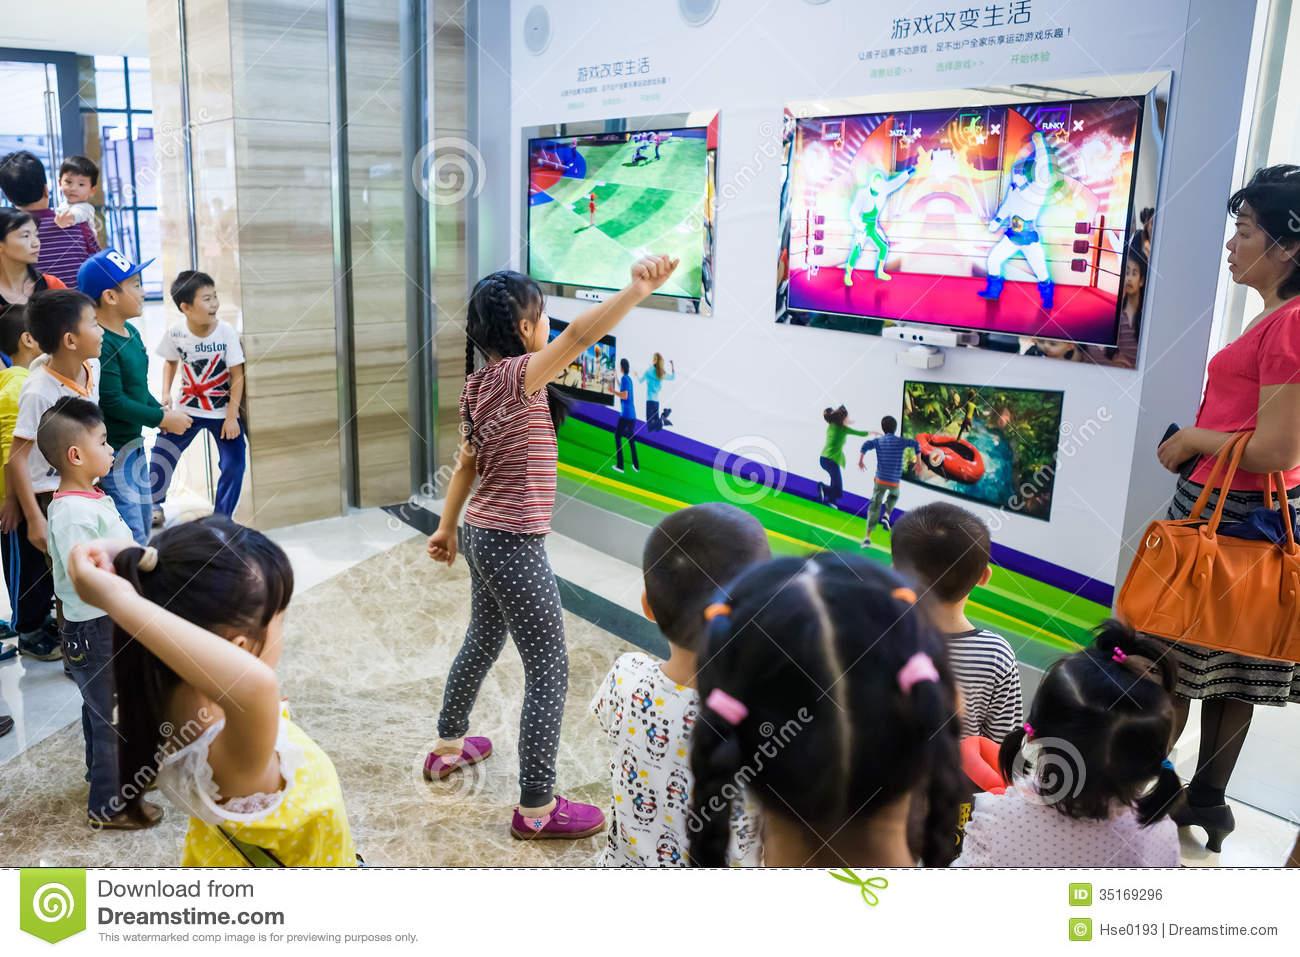 Jouer Les Jeux Interactifs Avec Le Kinect Xbox 360 Photo dedans Jeux Interactifs Primaire